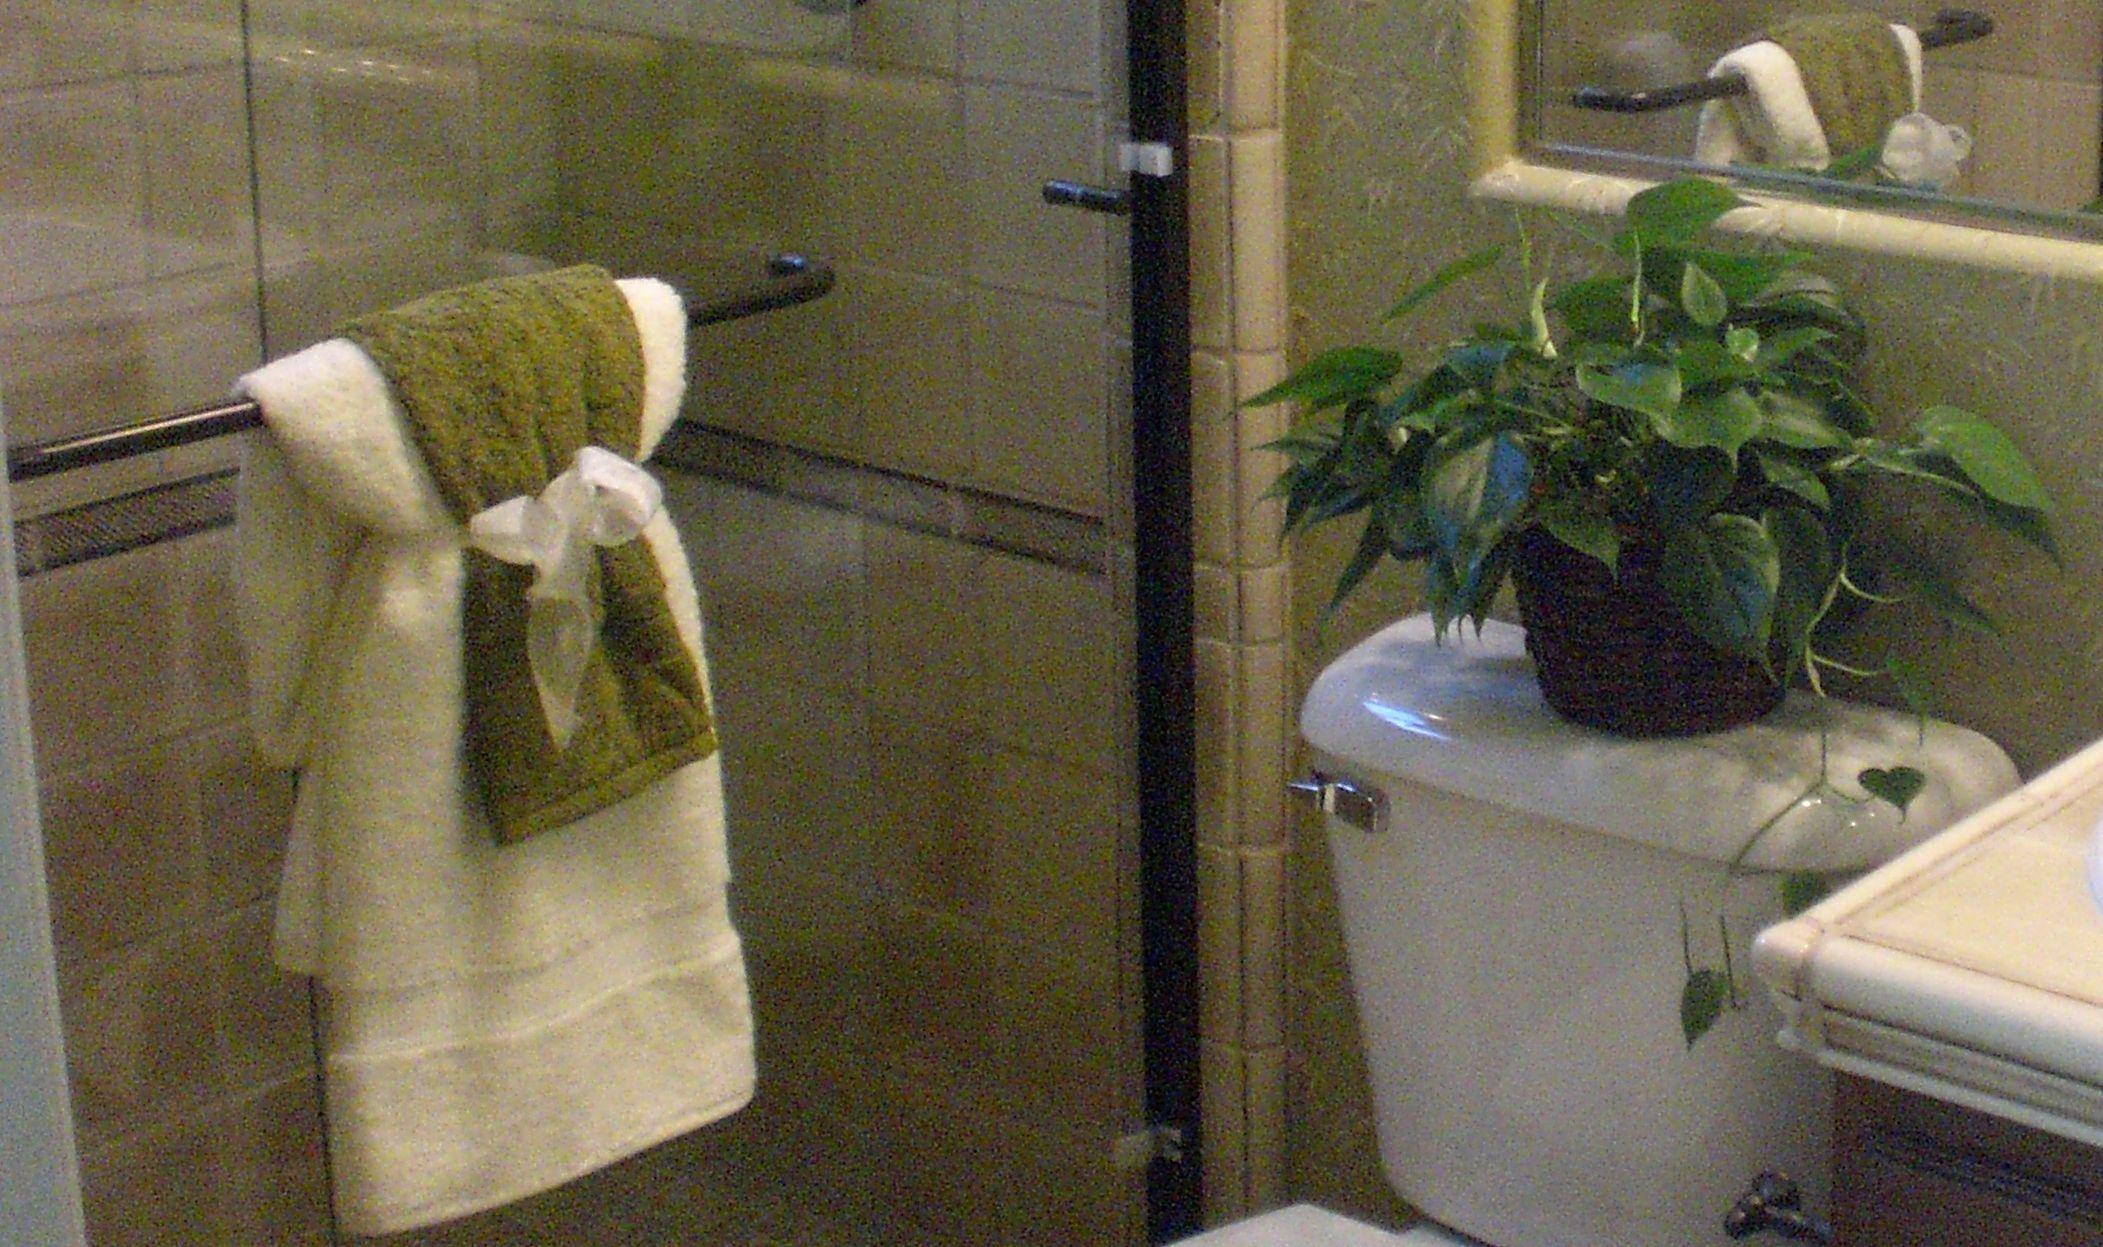 Hang towels in bathroom bath towels hanging towels guest towels bathroom vanities